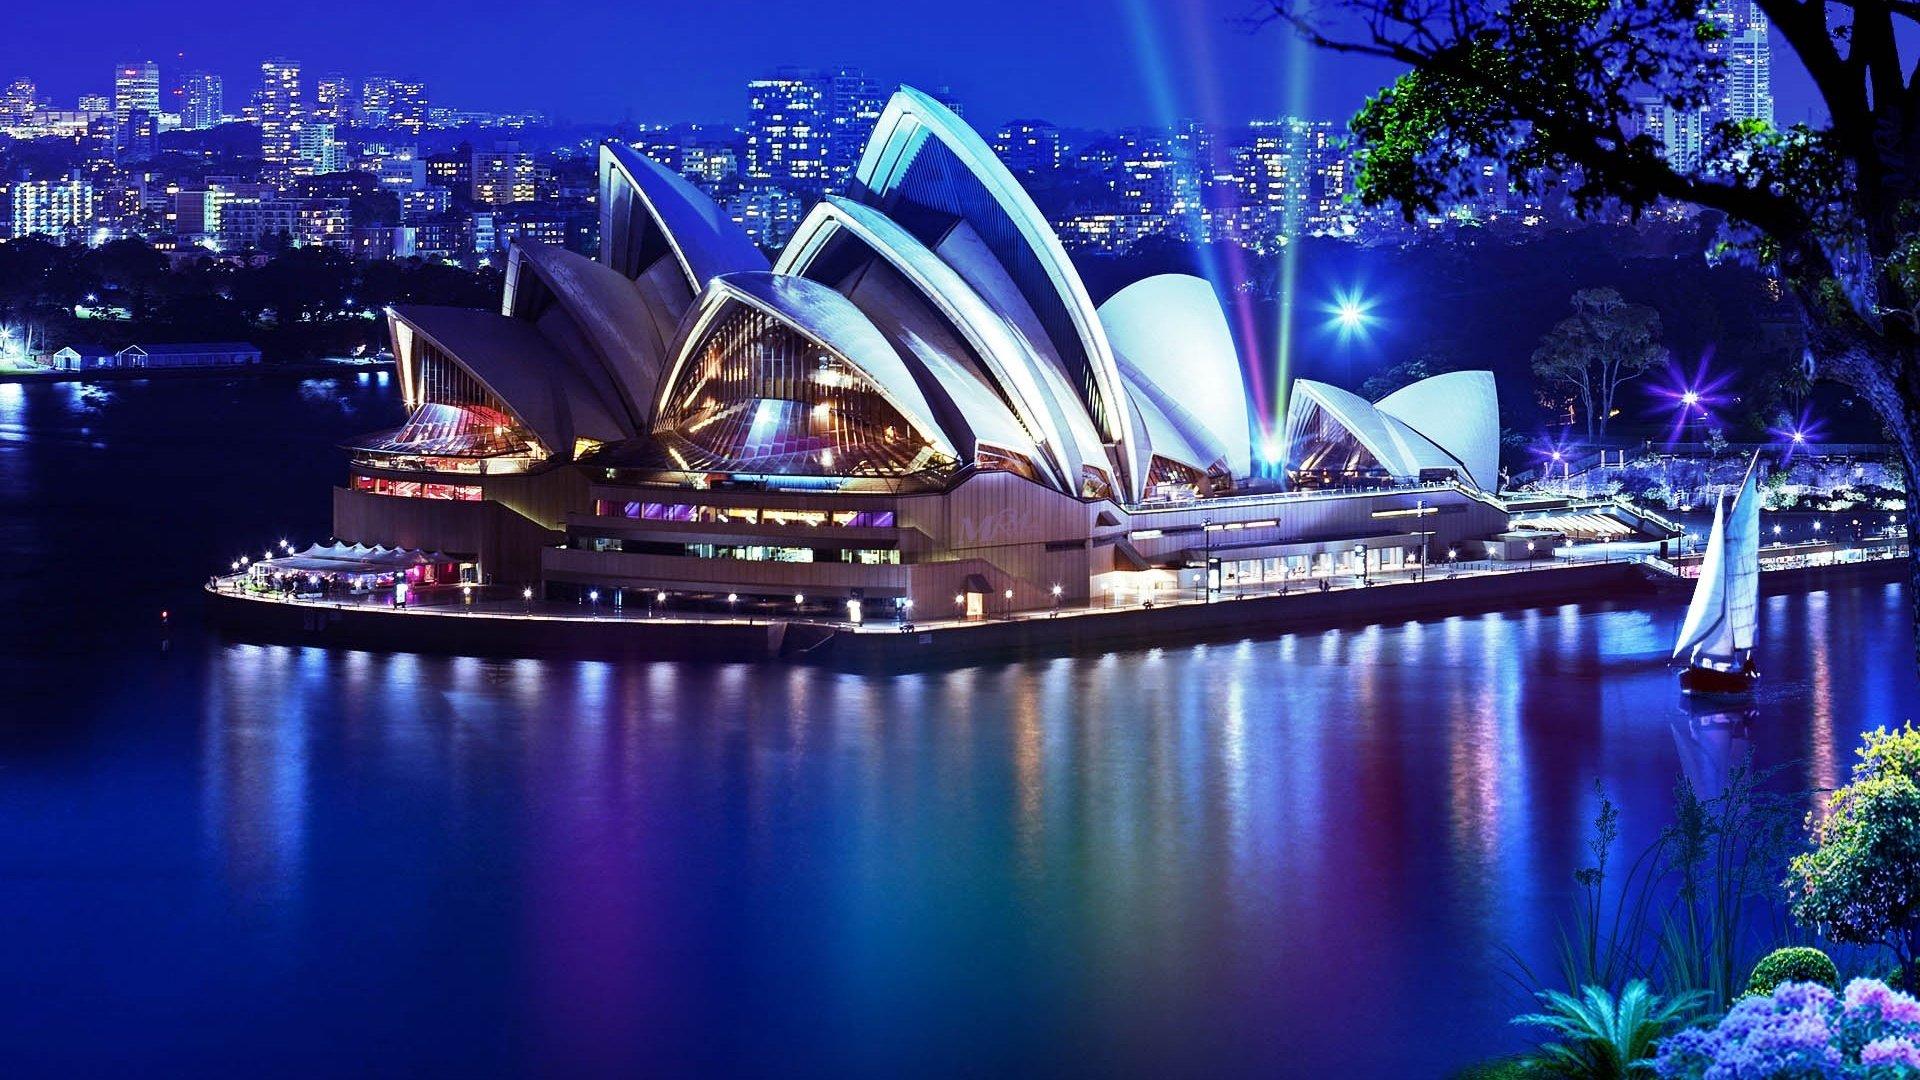 Обои Здание оперного театра в сиднее, ночь. Города foto 7